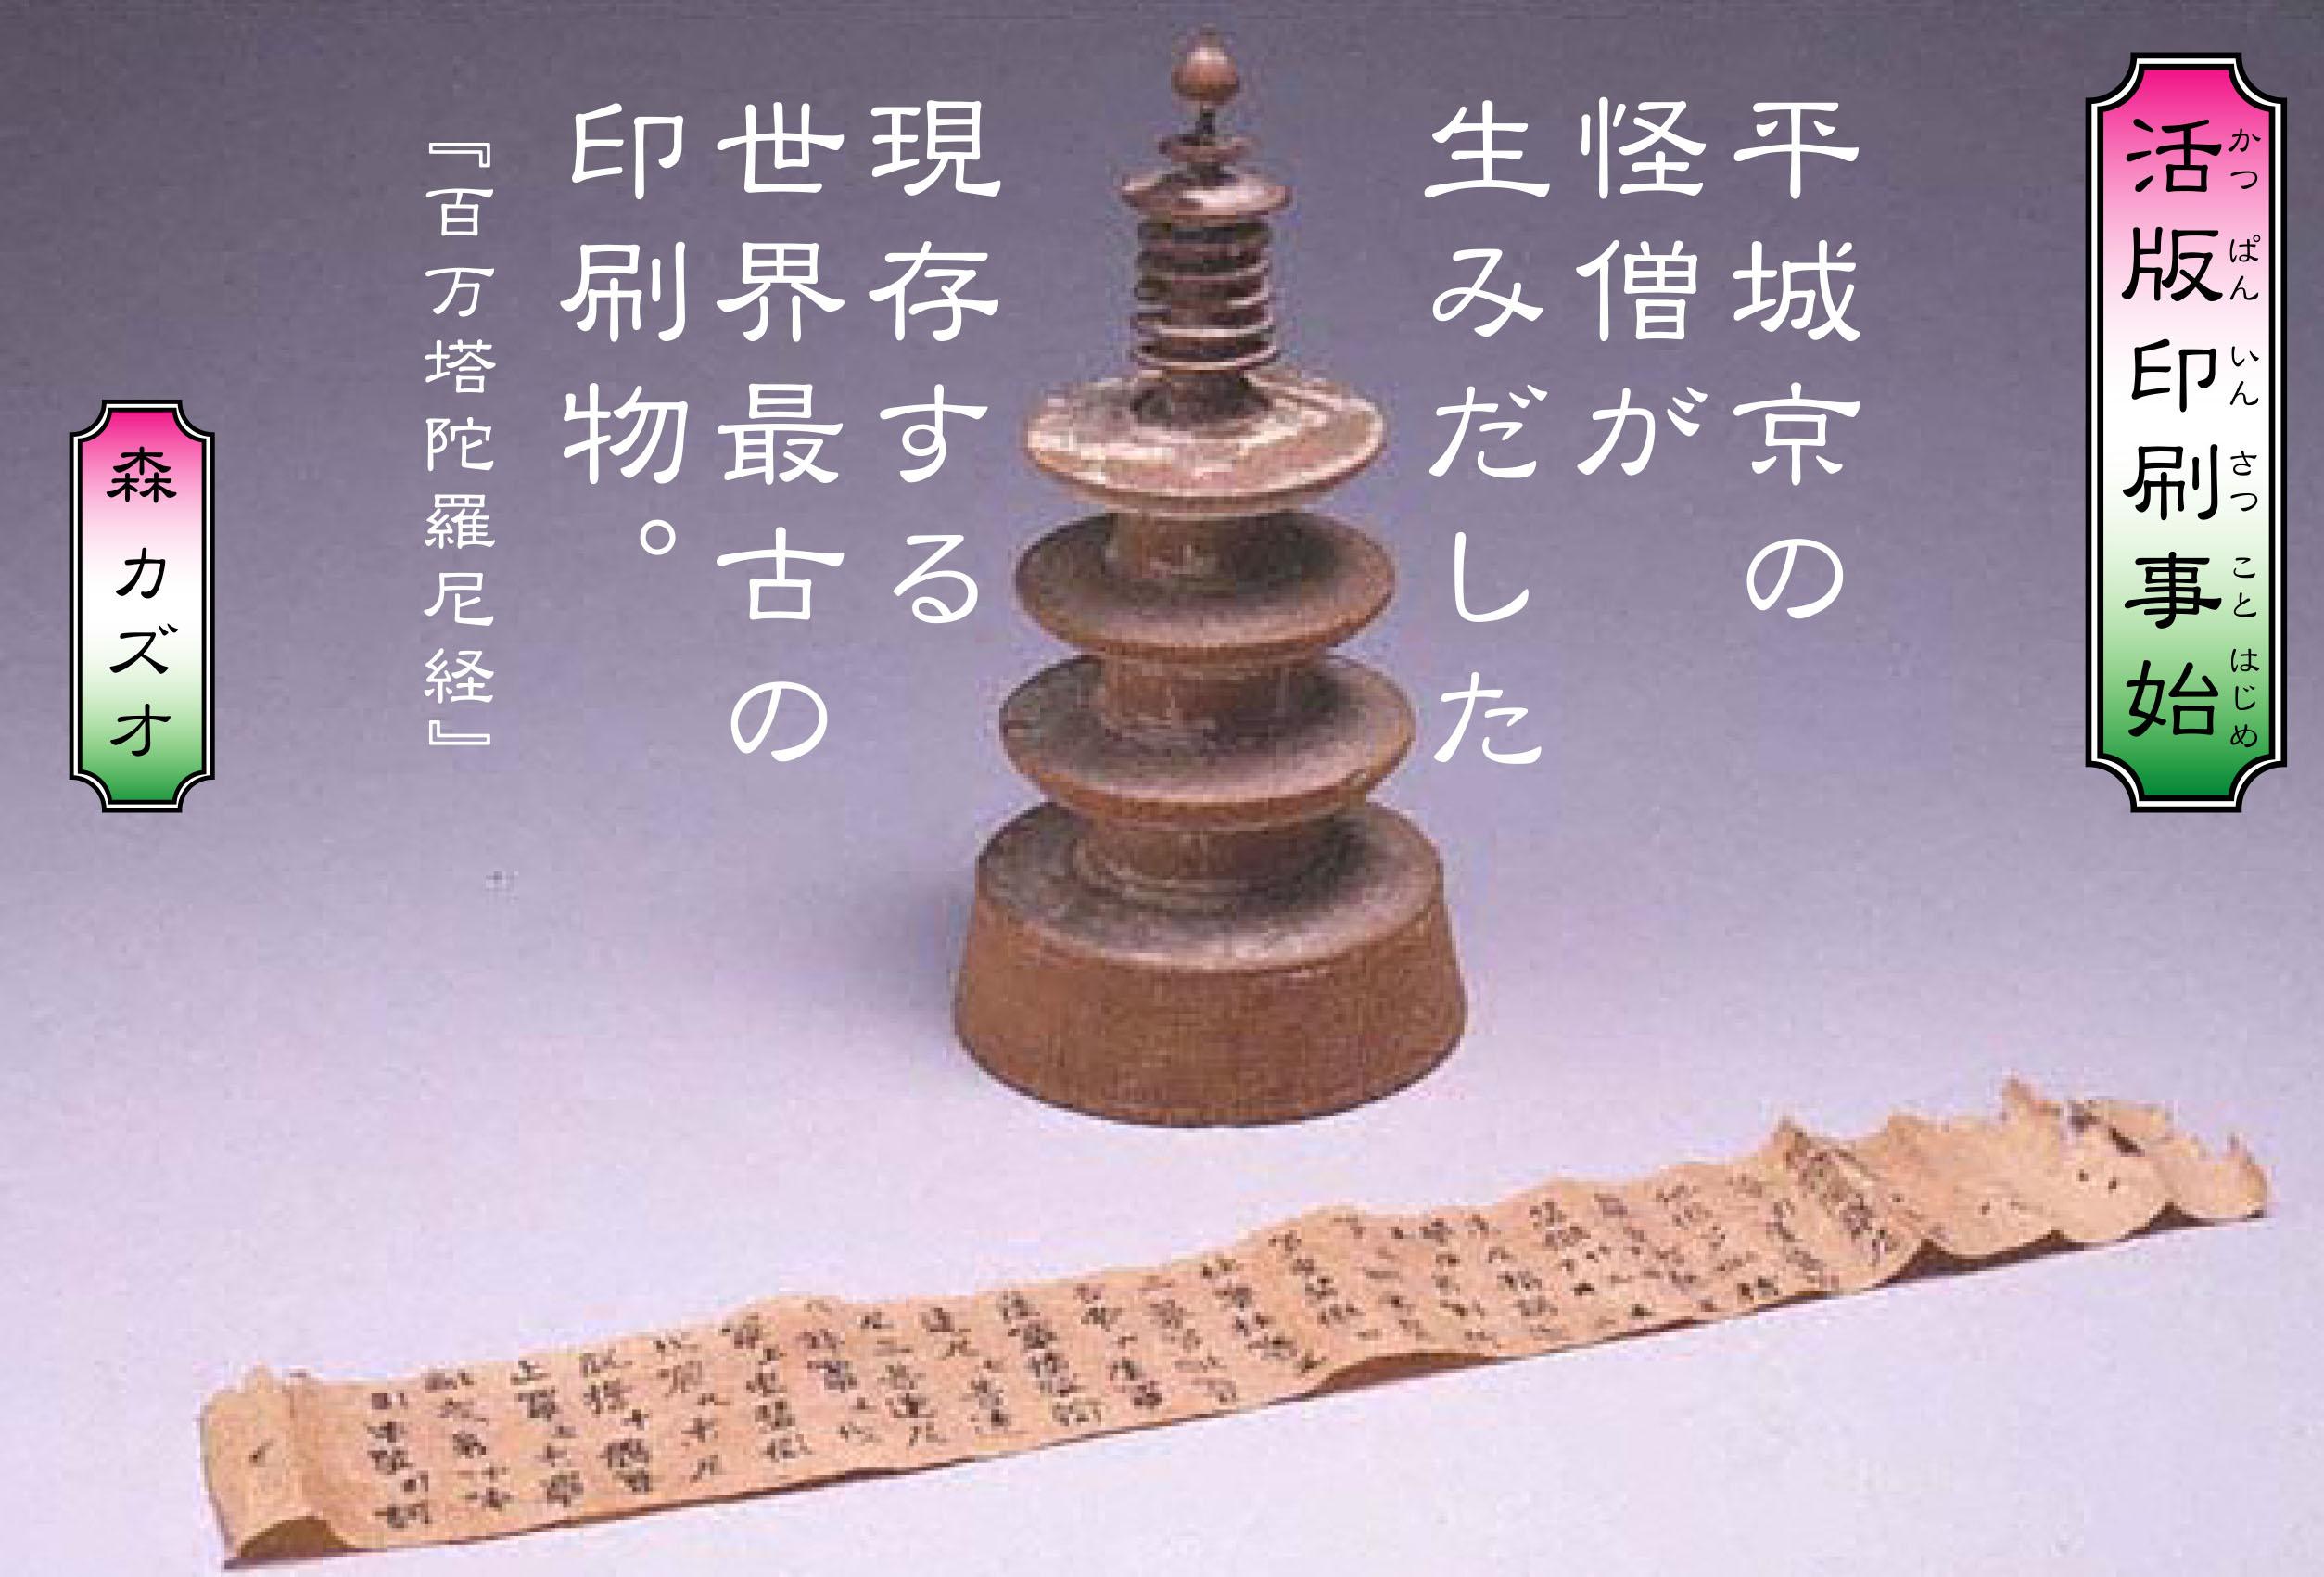 平城京の怪僧が生みだした現存する世界最古の印刷物  『百万塔陀羅尼経』。